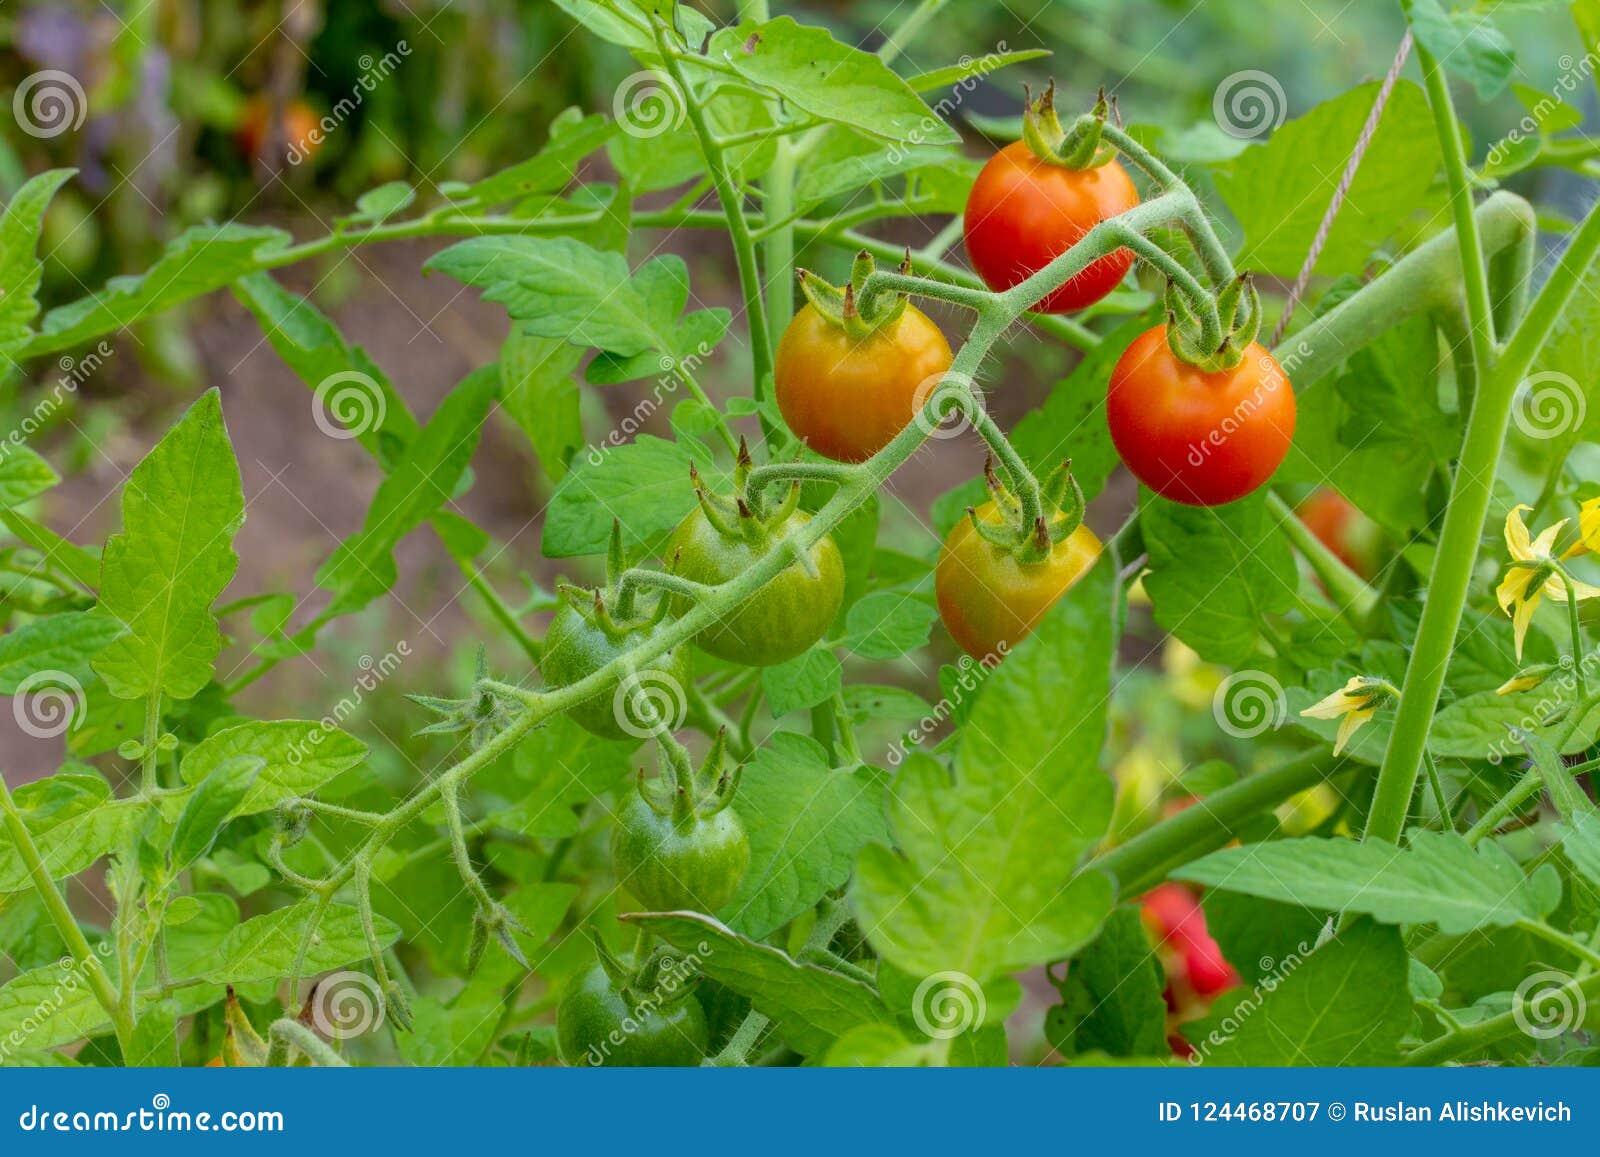 O grupo dos tomates de cereja, alguns destas bolas é vermelho, outro AR